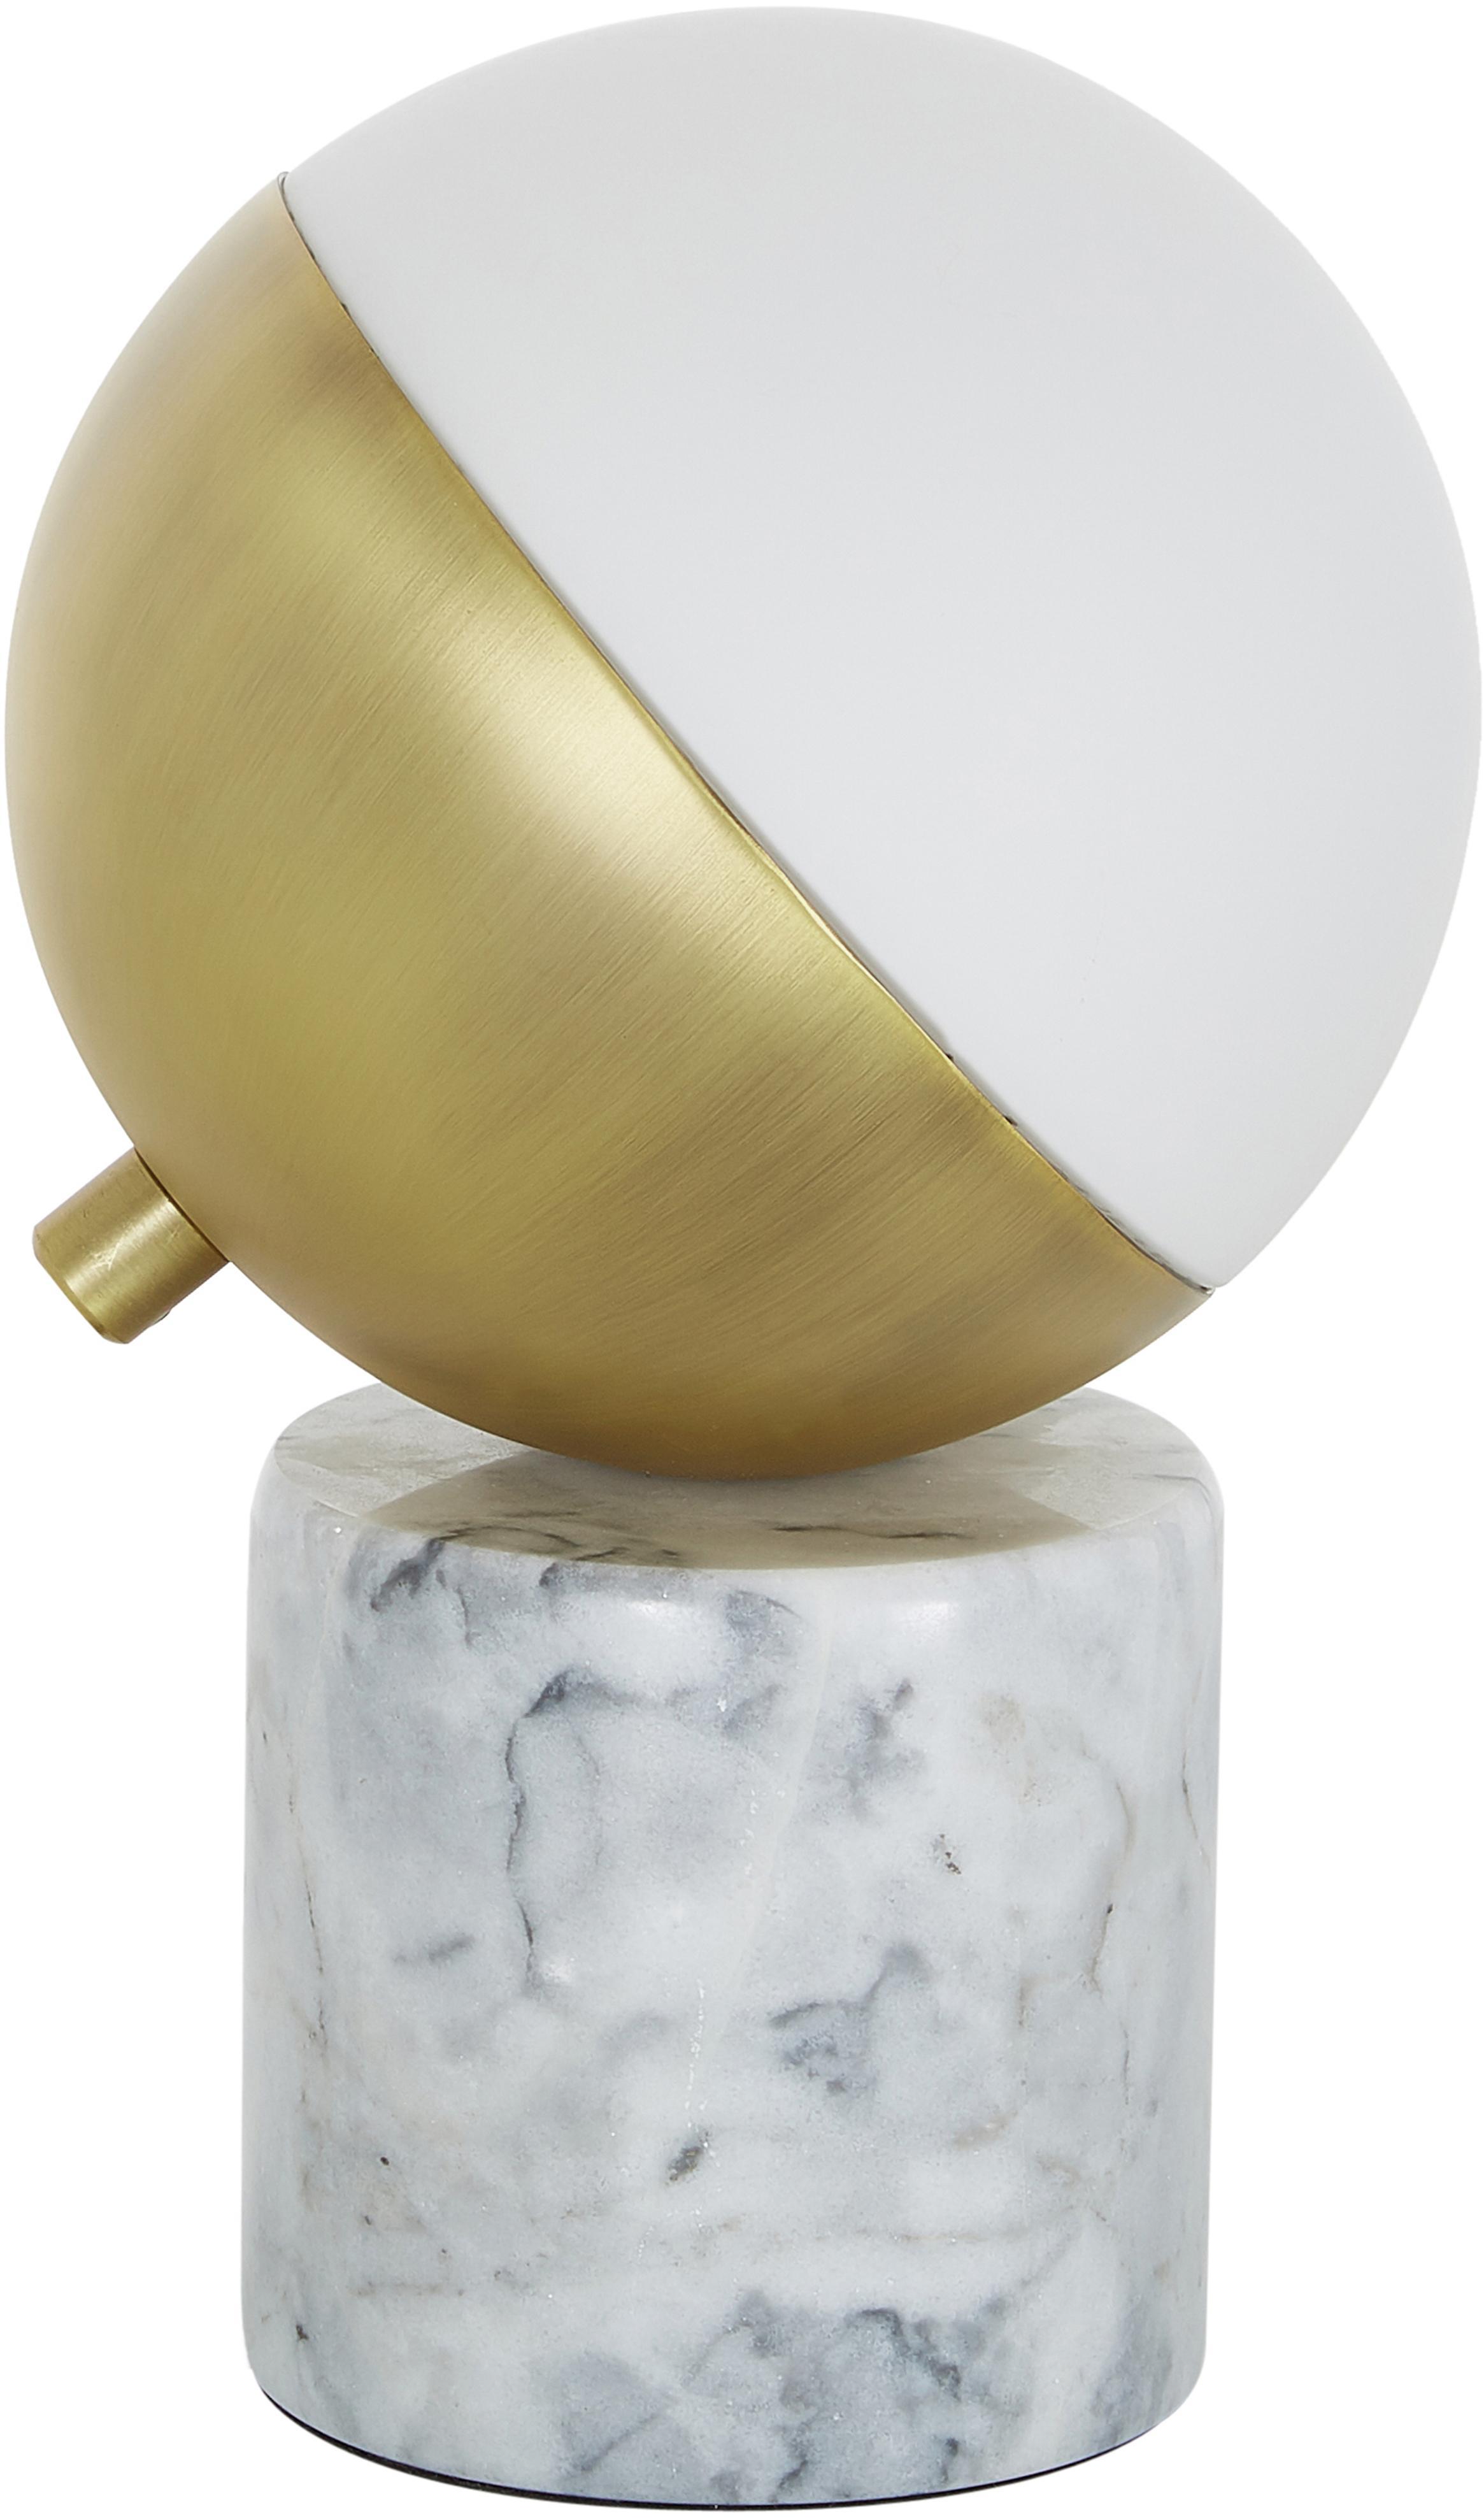 Marmor-Tischlampe Svea, Lampenschirm: Metall, Glas, Lampenfuss: Weisser MarmorLampenschirm: Weiss, Goldfarben, Ø 15 x H 25 cm